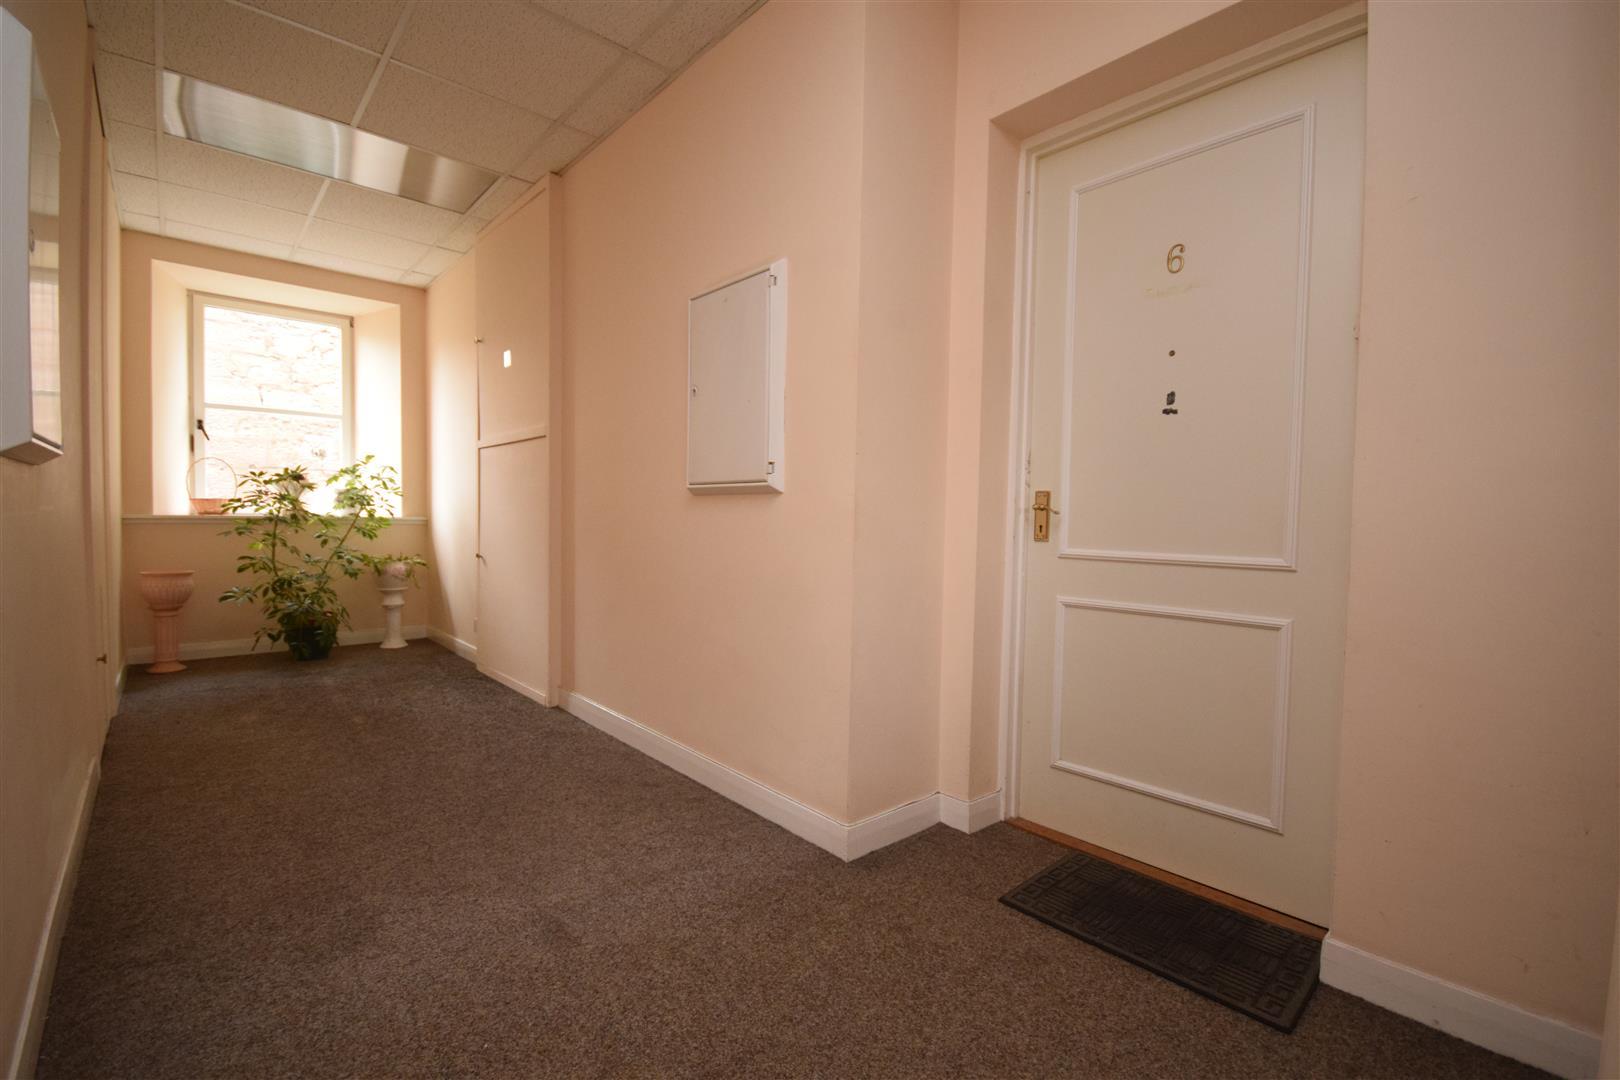 Flat 6, Victoria Mews, Victoria Street, Perth, Perthshire, PH2 8LW, UK